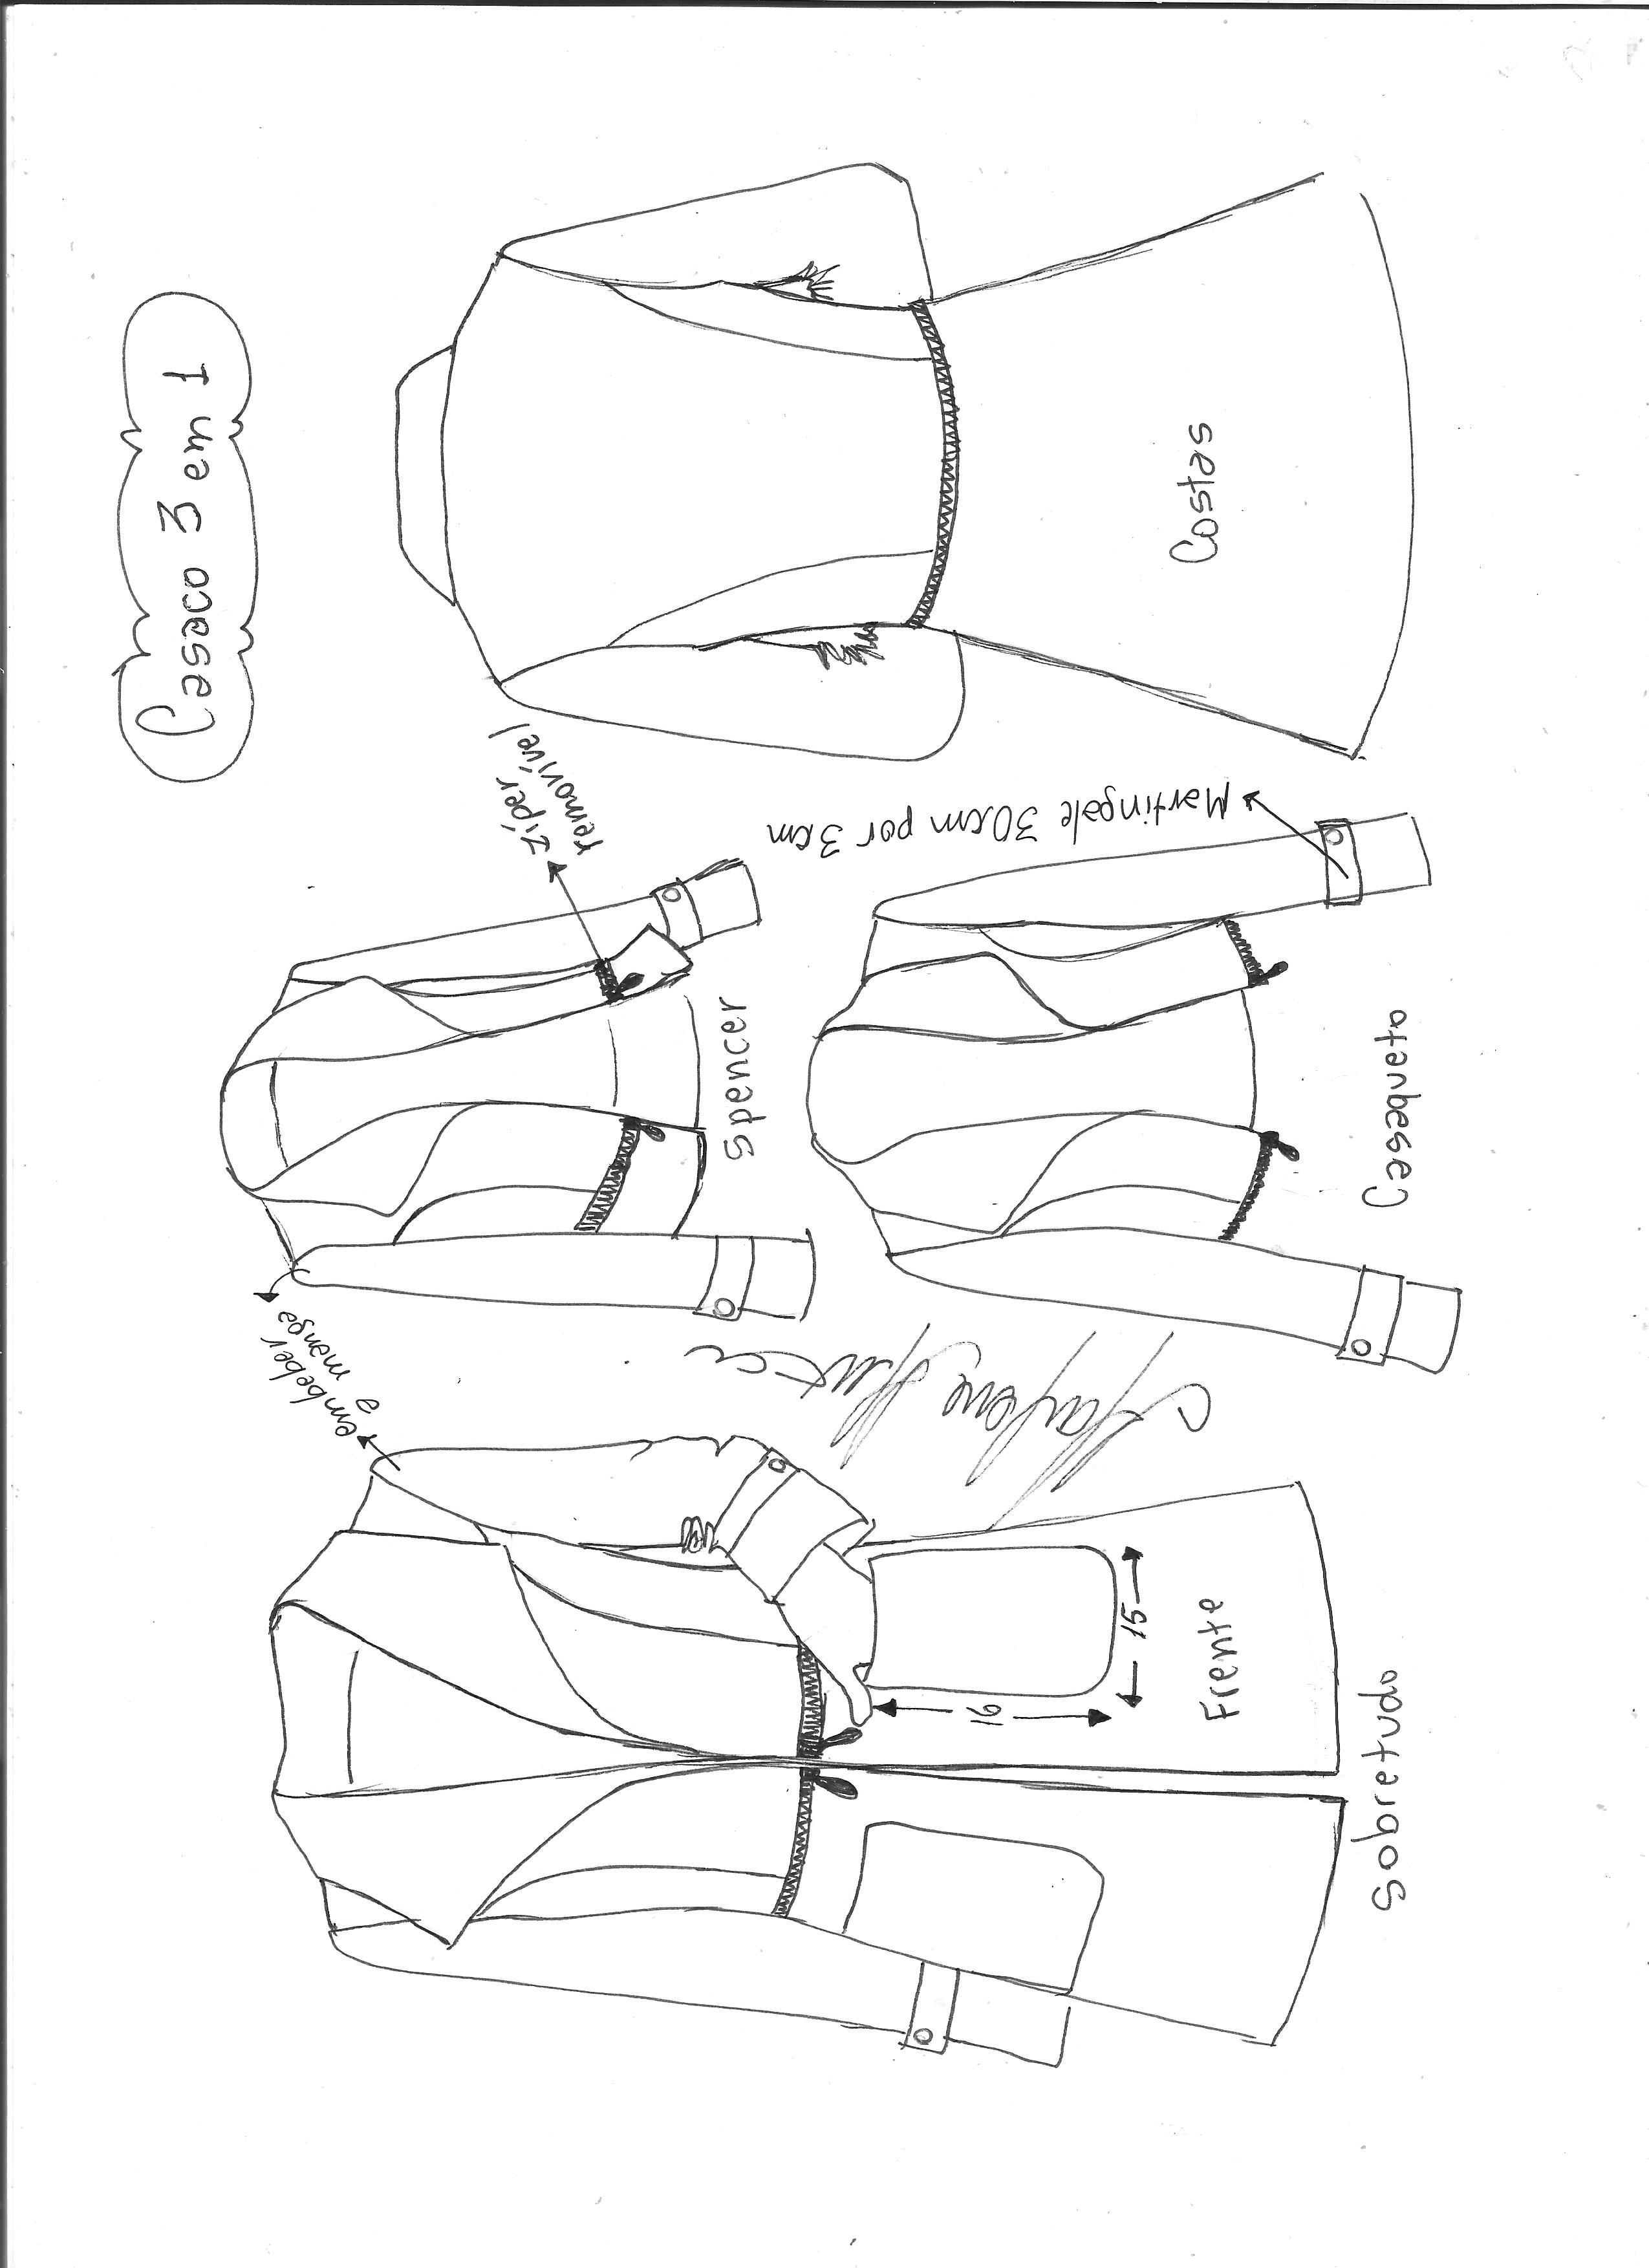 9fceeaa7a Croqui do modelo do casaco 3 em 1.